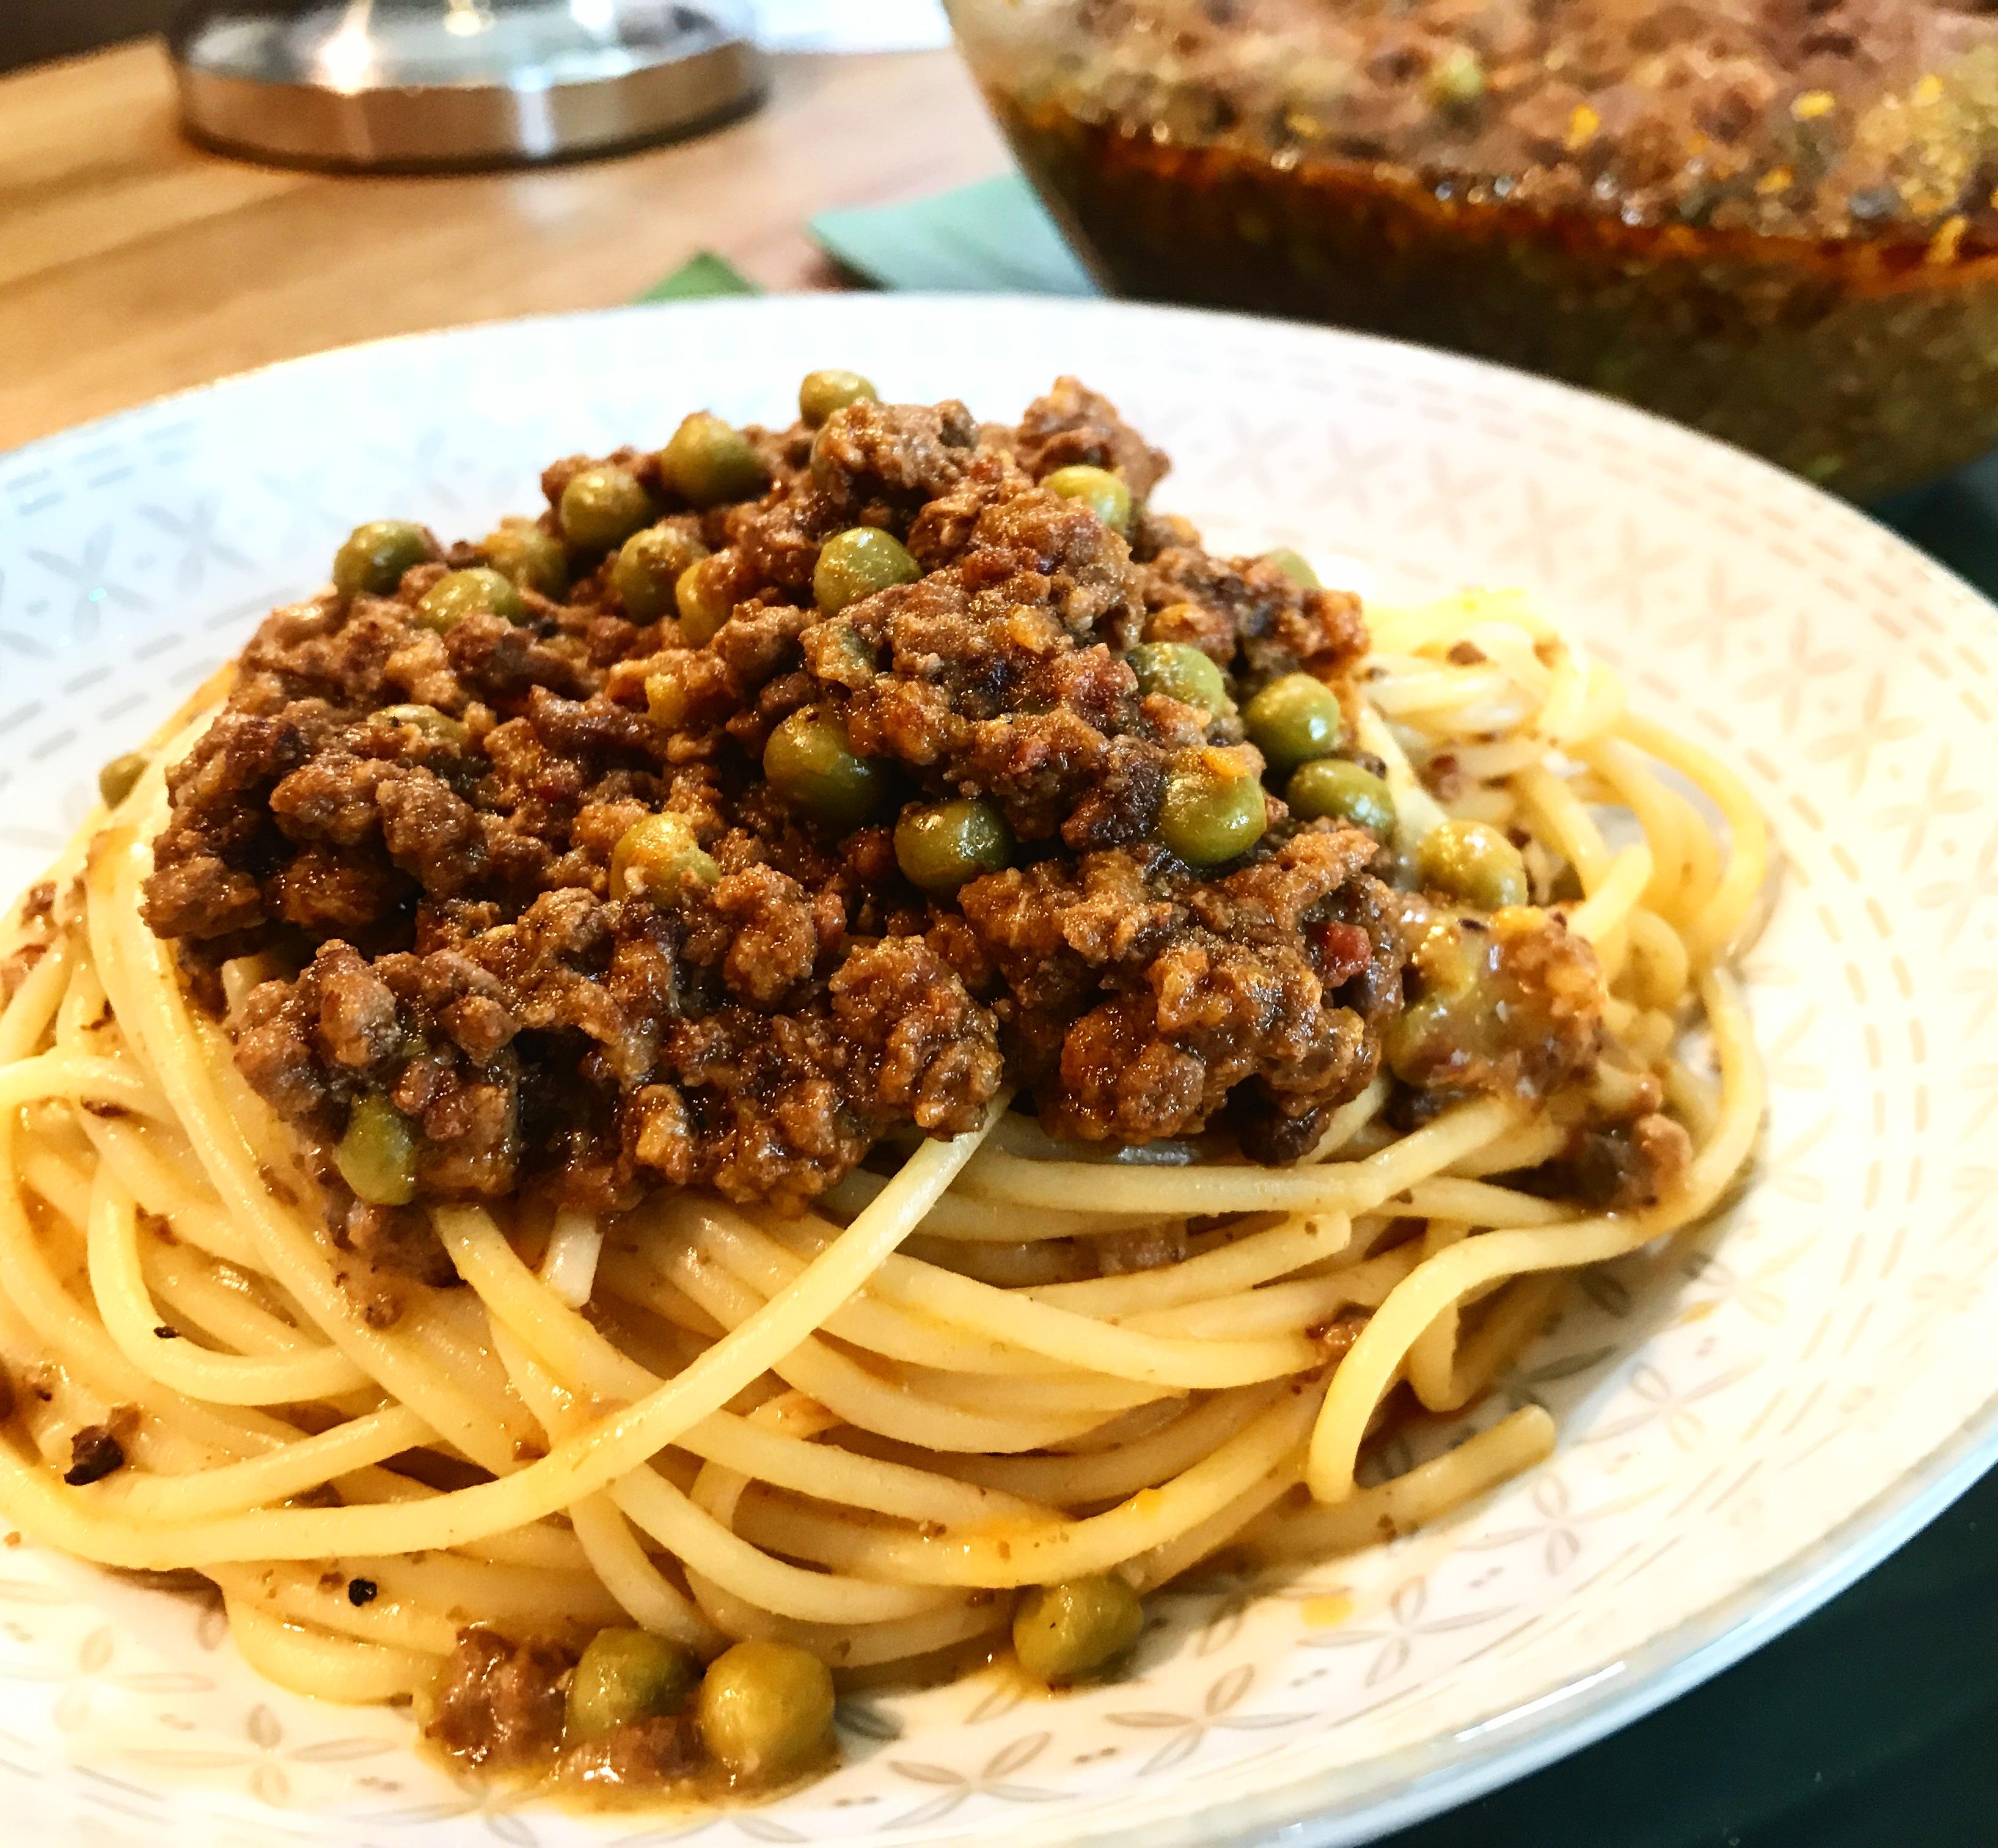 Ricette Spaghetti Bolognese.Spaghetti Bolognesi La Ricetta Della Discordia Lorenzo Biagiarelli